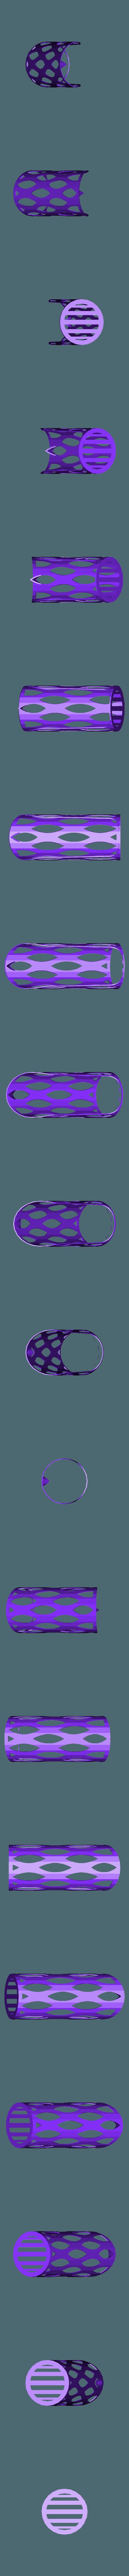 Senseo_Dose2020.stl Télécharger fichier STL gratuit Porte-tampon à café Senseo 17x7cm • Modèle à imprimer en 3D, emzeh